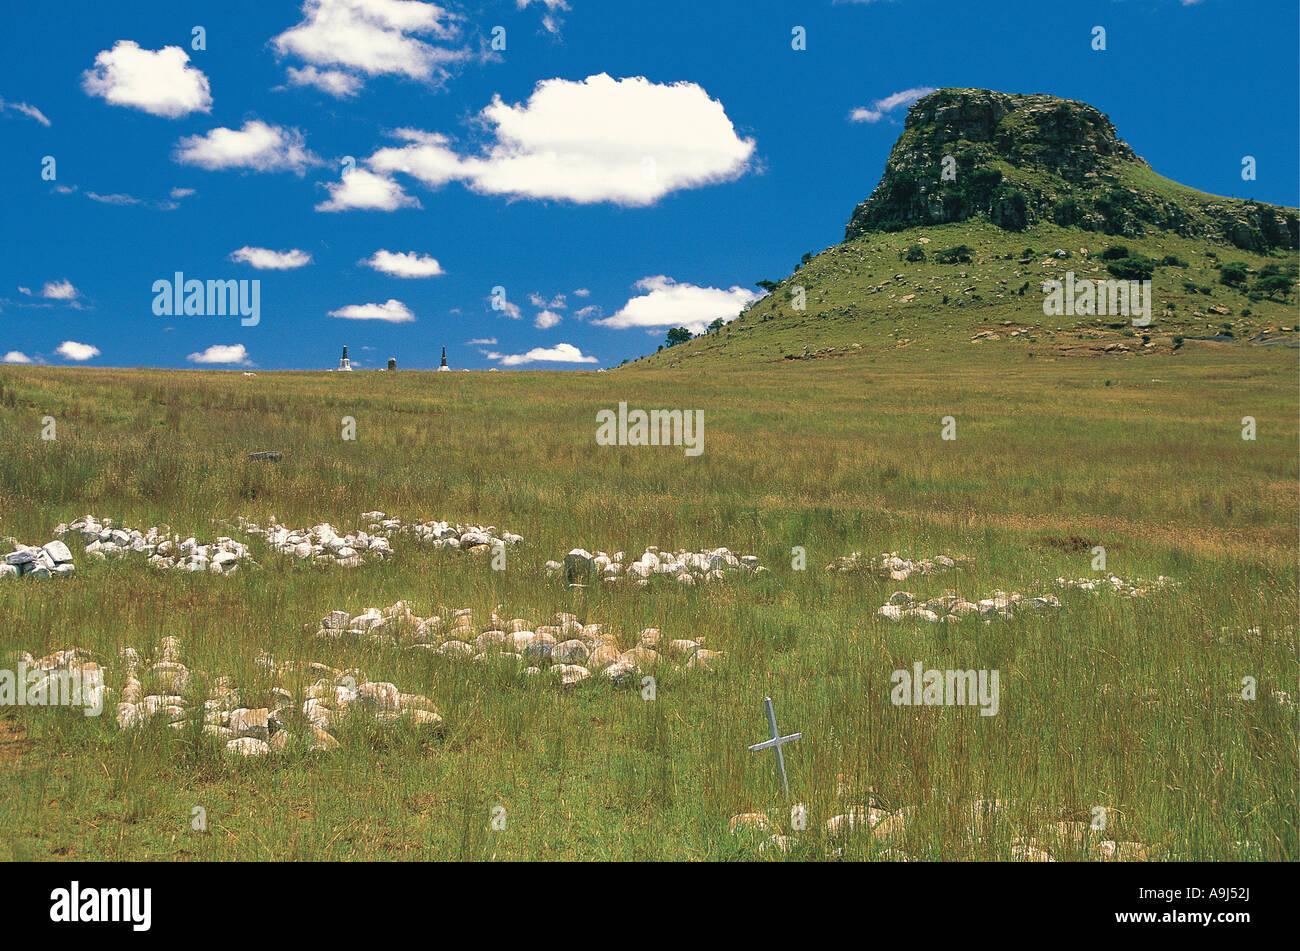 Isandlwana Battlefield Kwa Zulu Natal South Africa - Stock Image